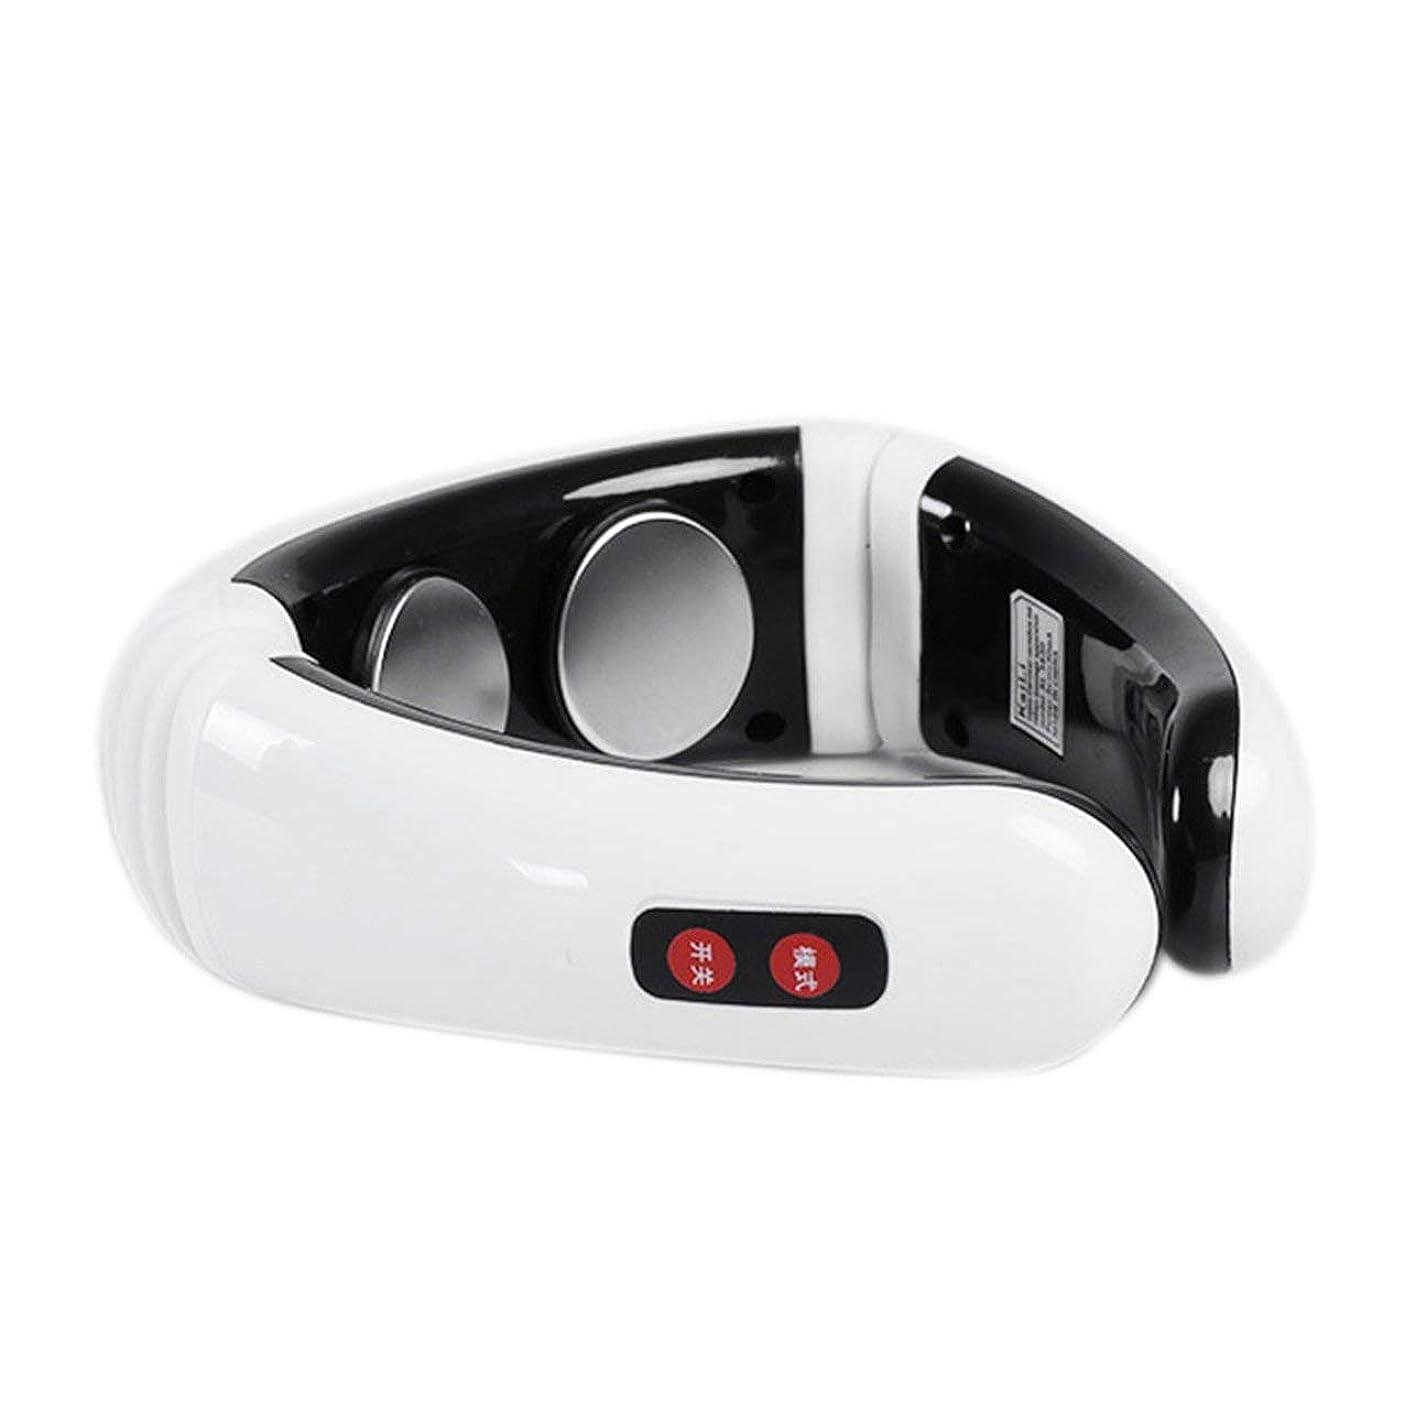 時計回りラオス人ブラジャーDeeploveUU 電気パルスバックネックマッサージャー頸椎治療器具鍼磁気療法ネックピローマッサージャー